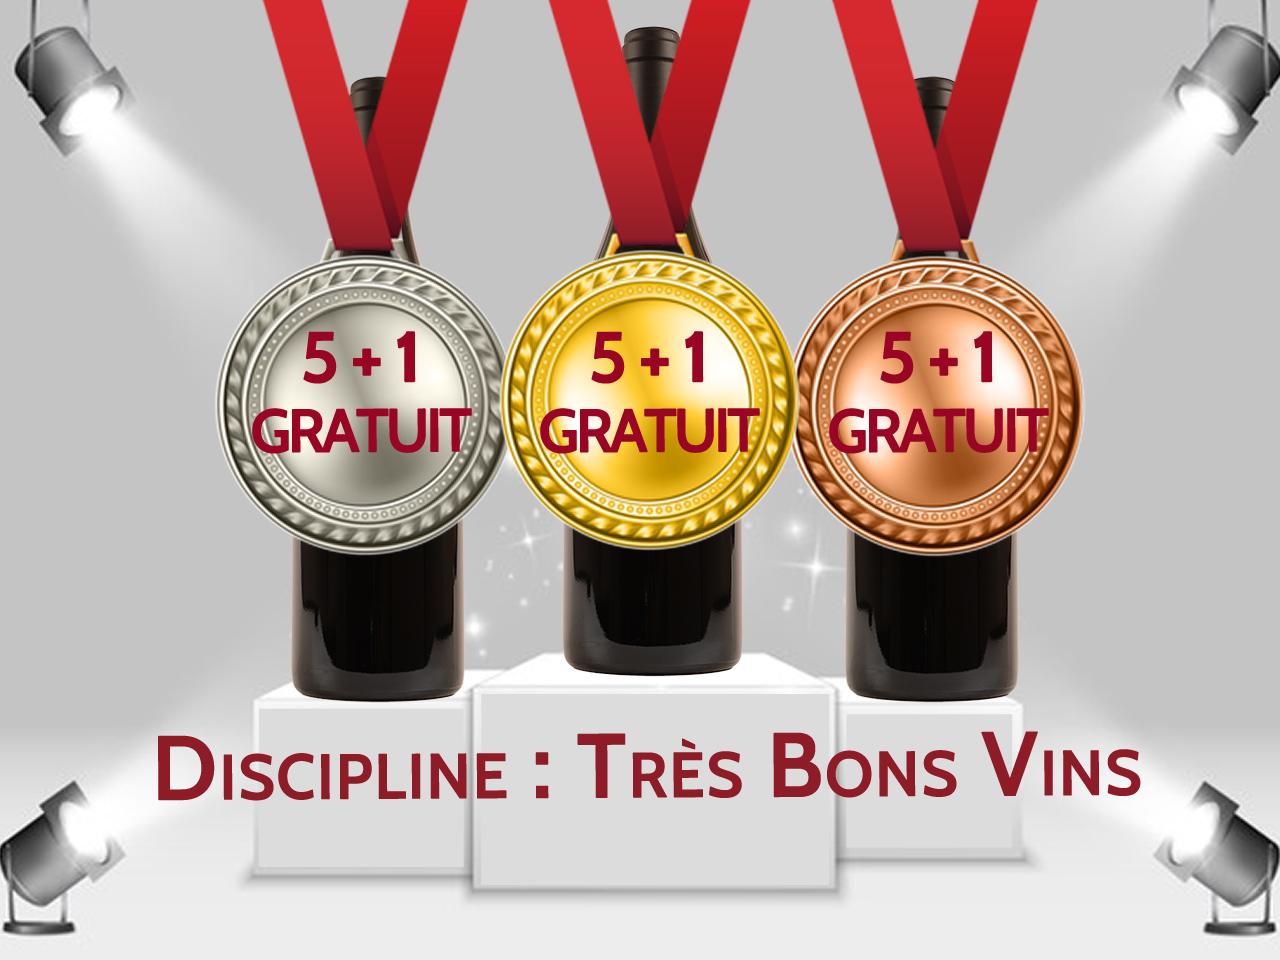 Vins medaillez ave promotion 5+1 gratuit